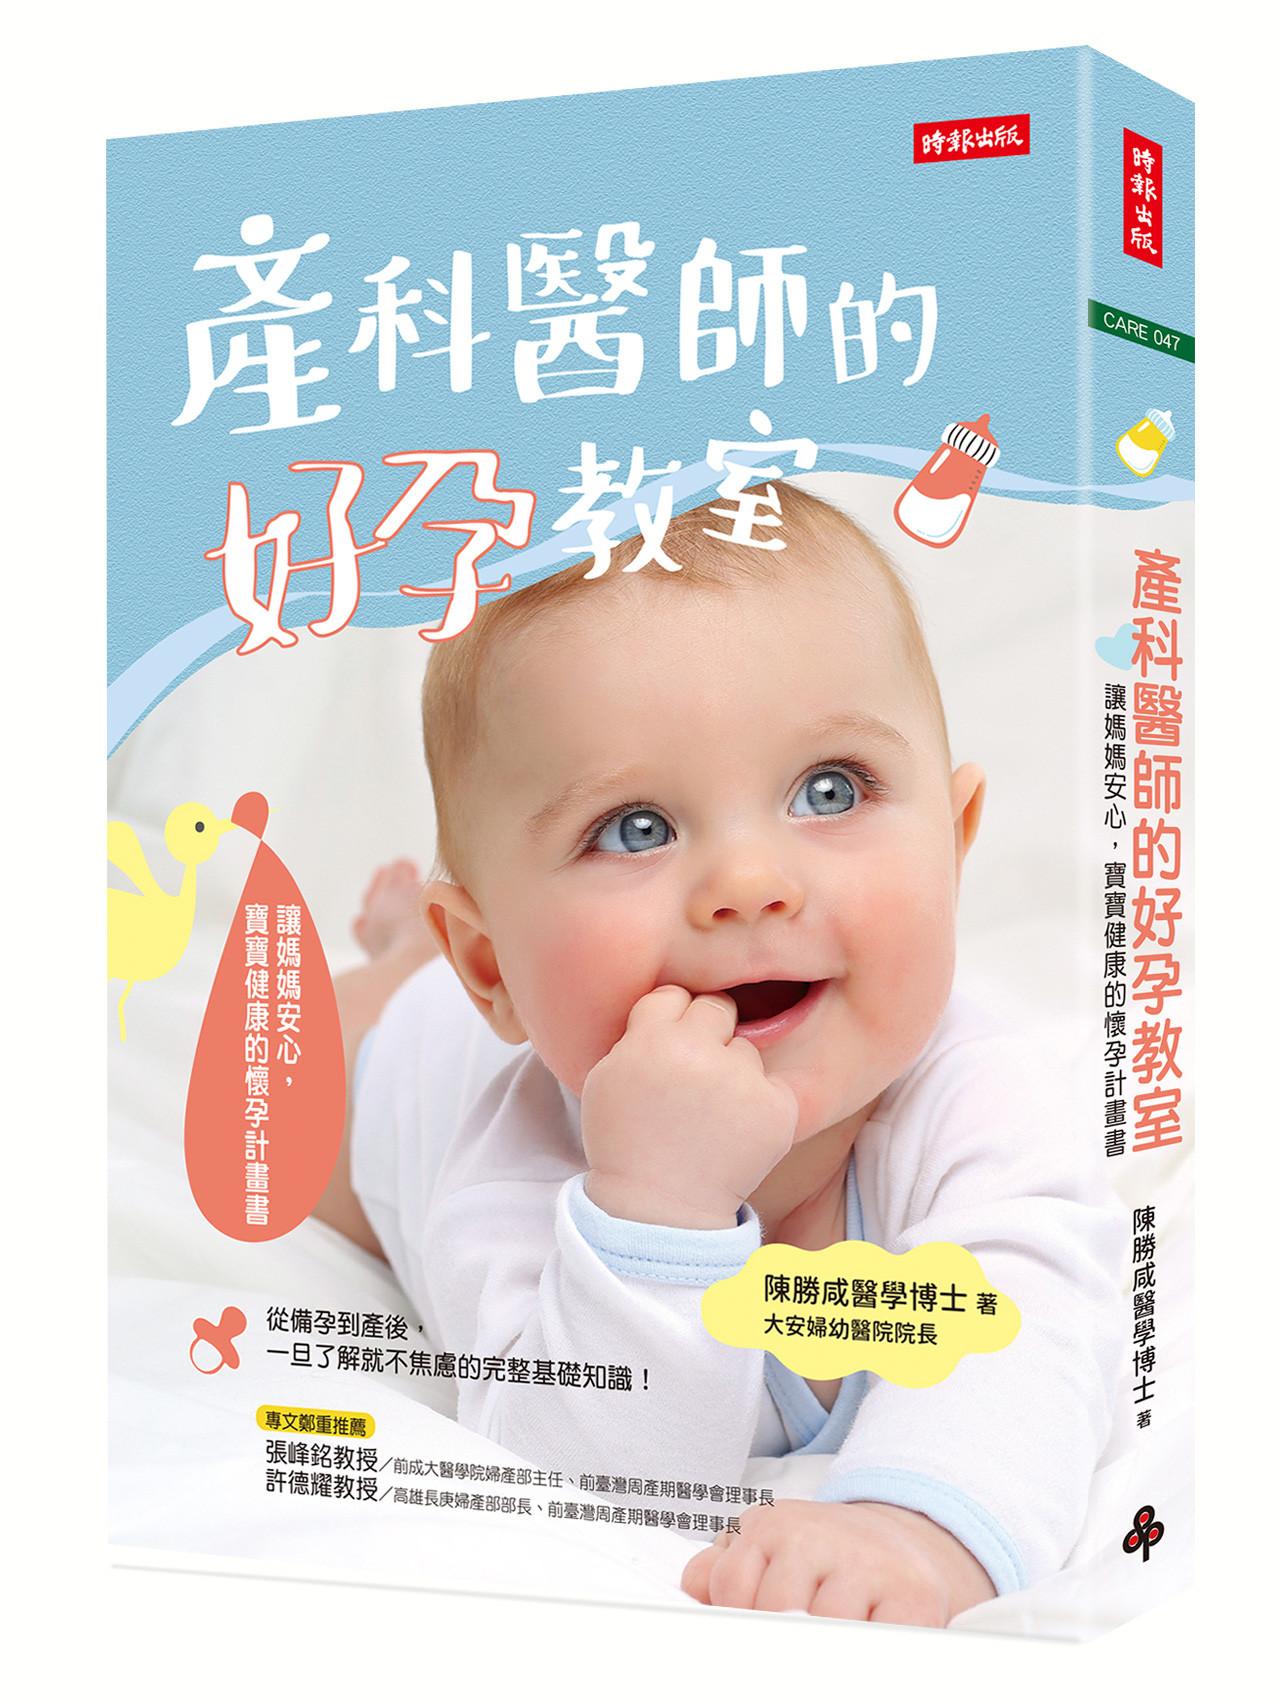 ▲▼書籍《產科醫師的好孕教室》。(圖/時報出版提供,請勿隨意翻拍,以免侵權。)